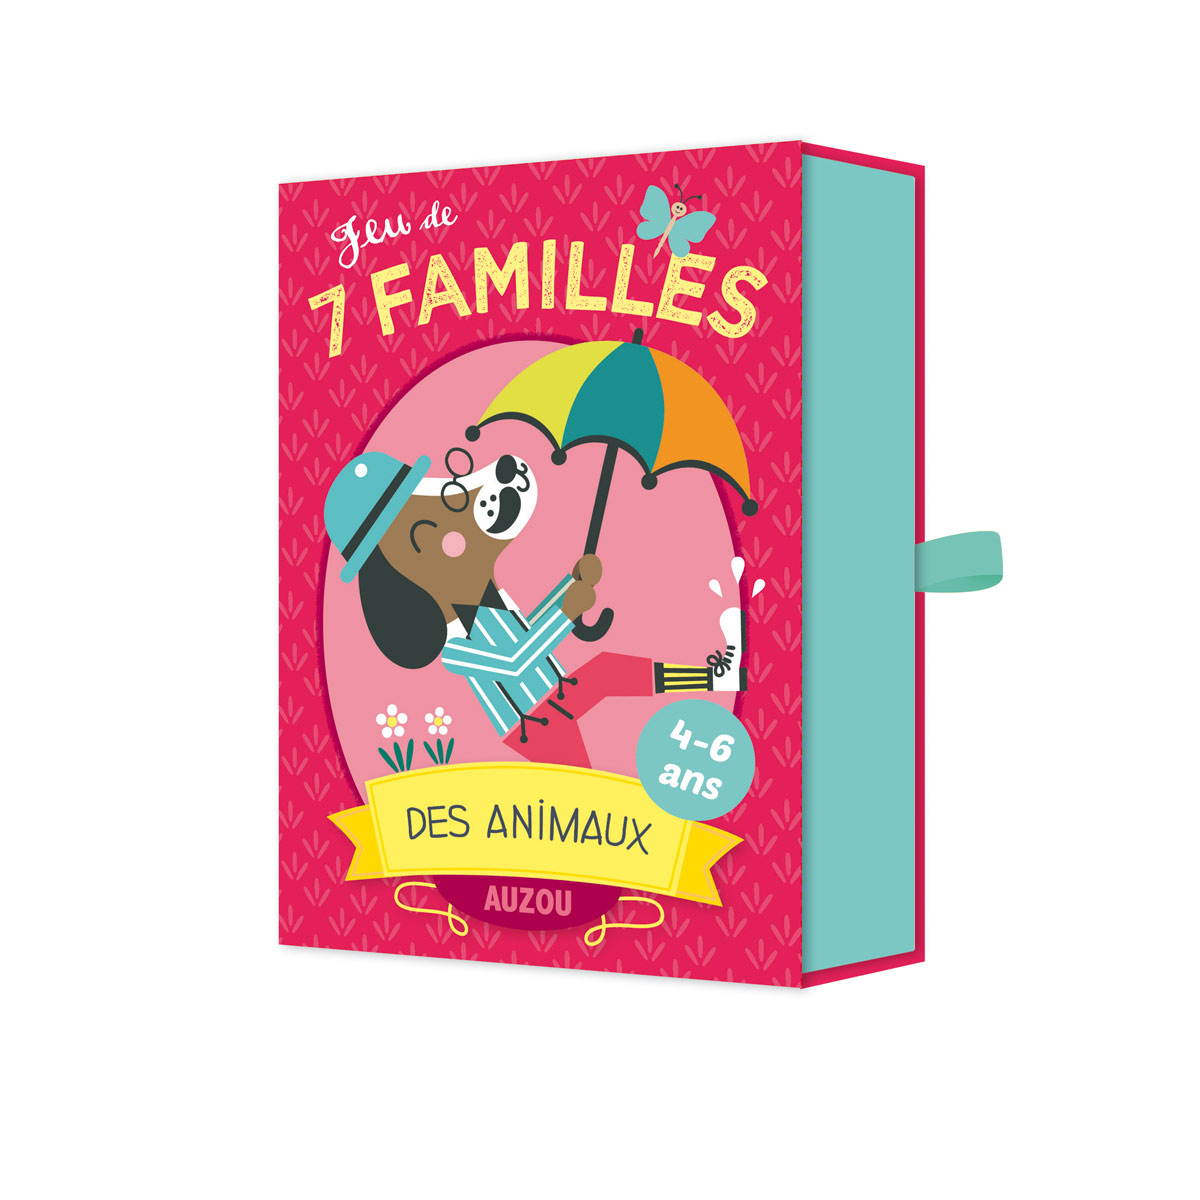 Jeu De 7 Familles Des Animaux concernant Jeux En Ligne Enfant 4 Ans